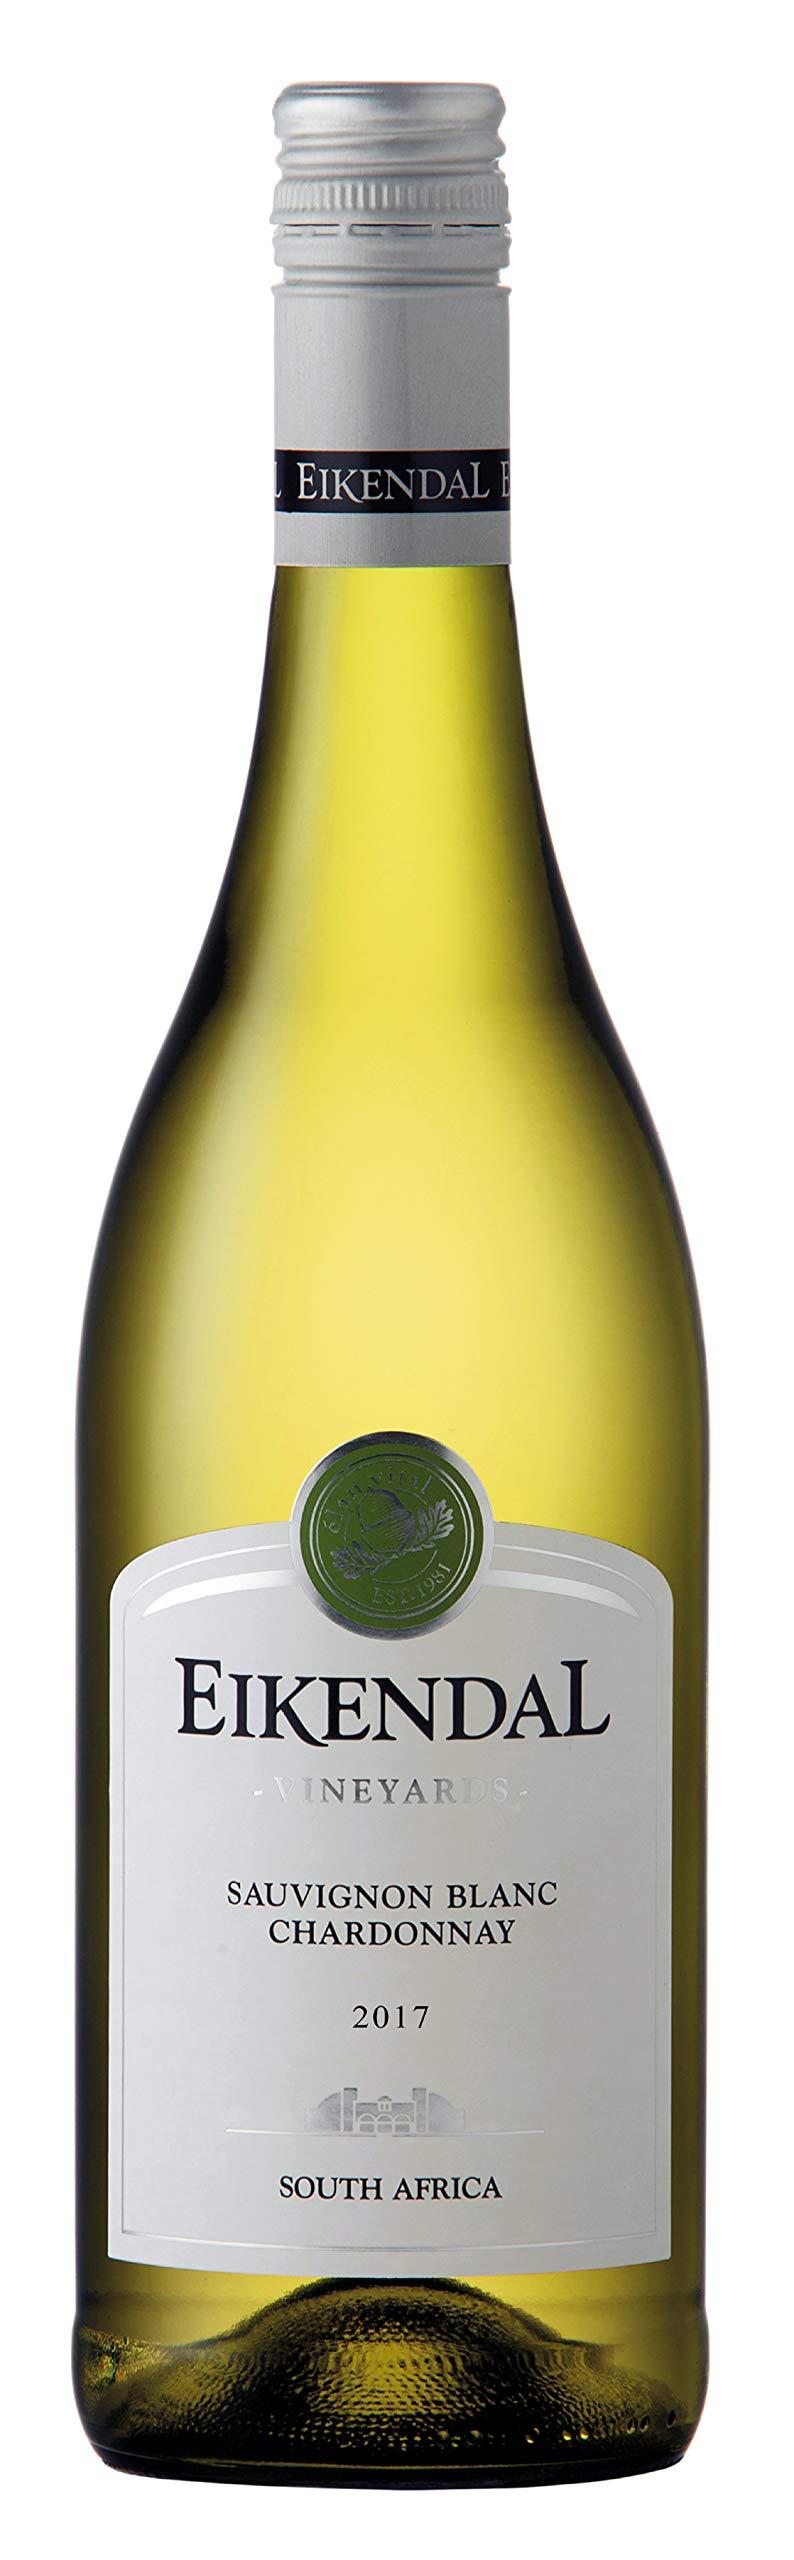 Eikendal-Weiwein-Sauvignon-Blanc-Chardonnay-aus-Stellenbosch-Sdafrika-trocken